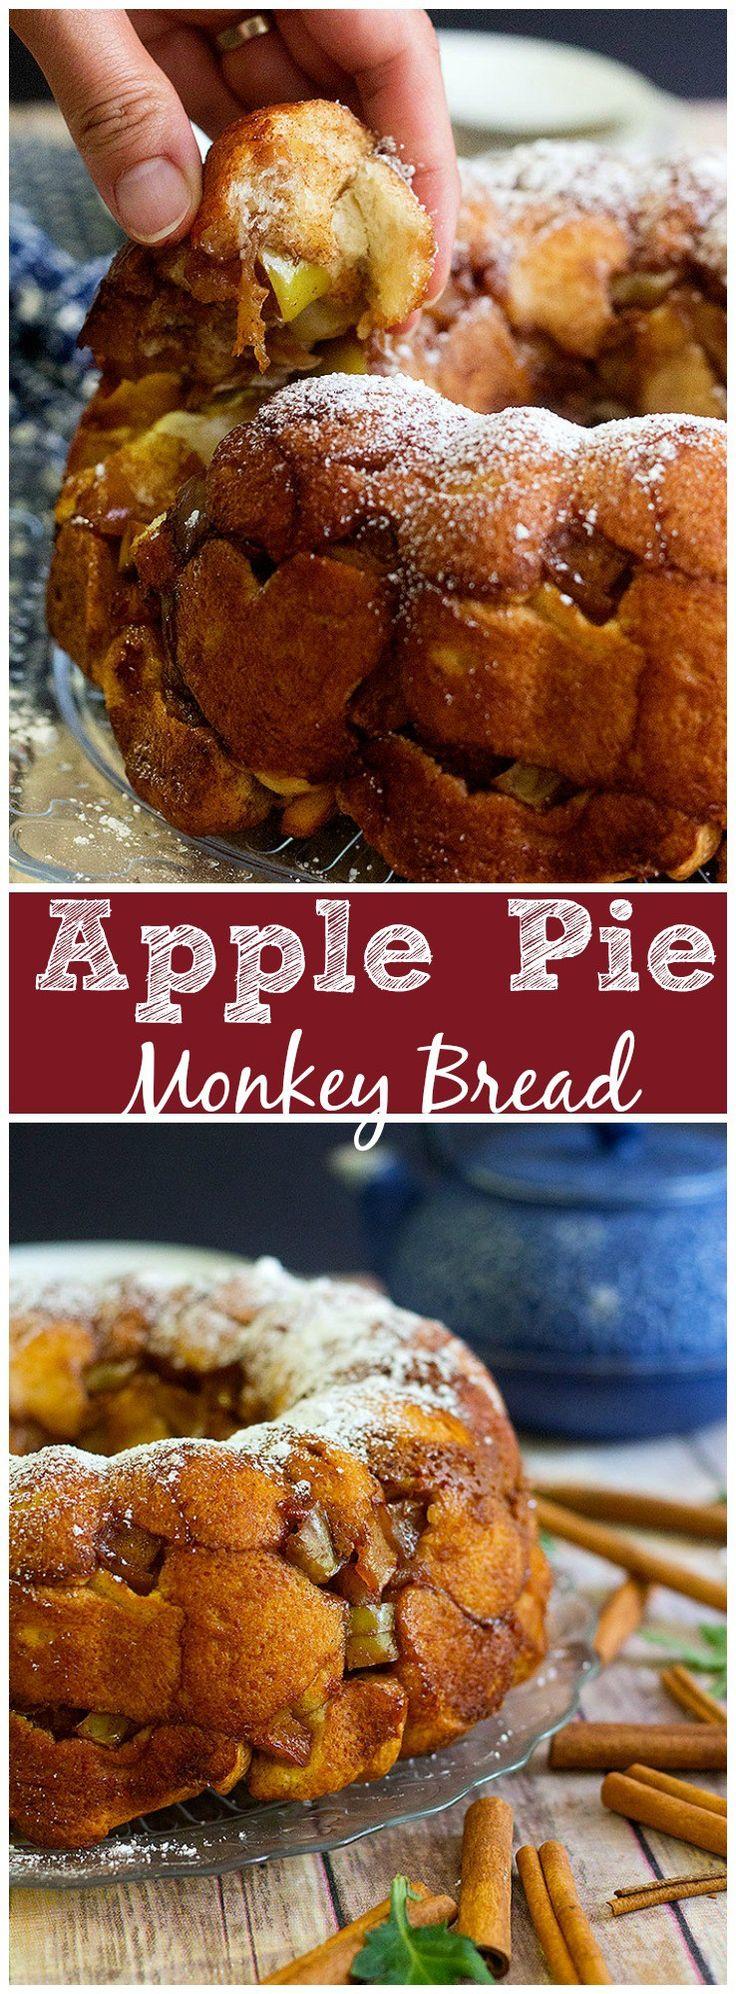 Apple Pie Monkey Bread | Apple Pie Monkey Bread recipe | Apple Pie Monkey Bread simple | Apple Pie Monkey Bread muffins